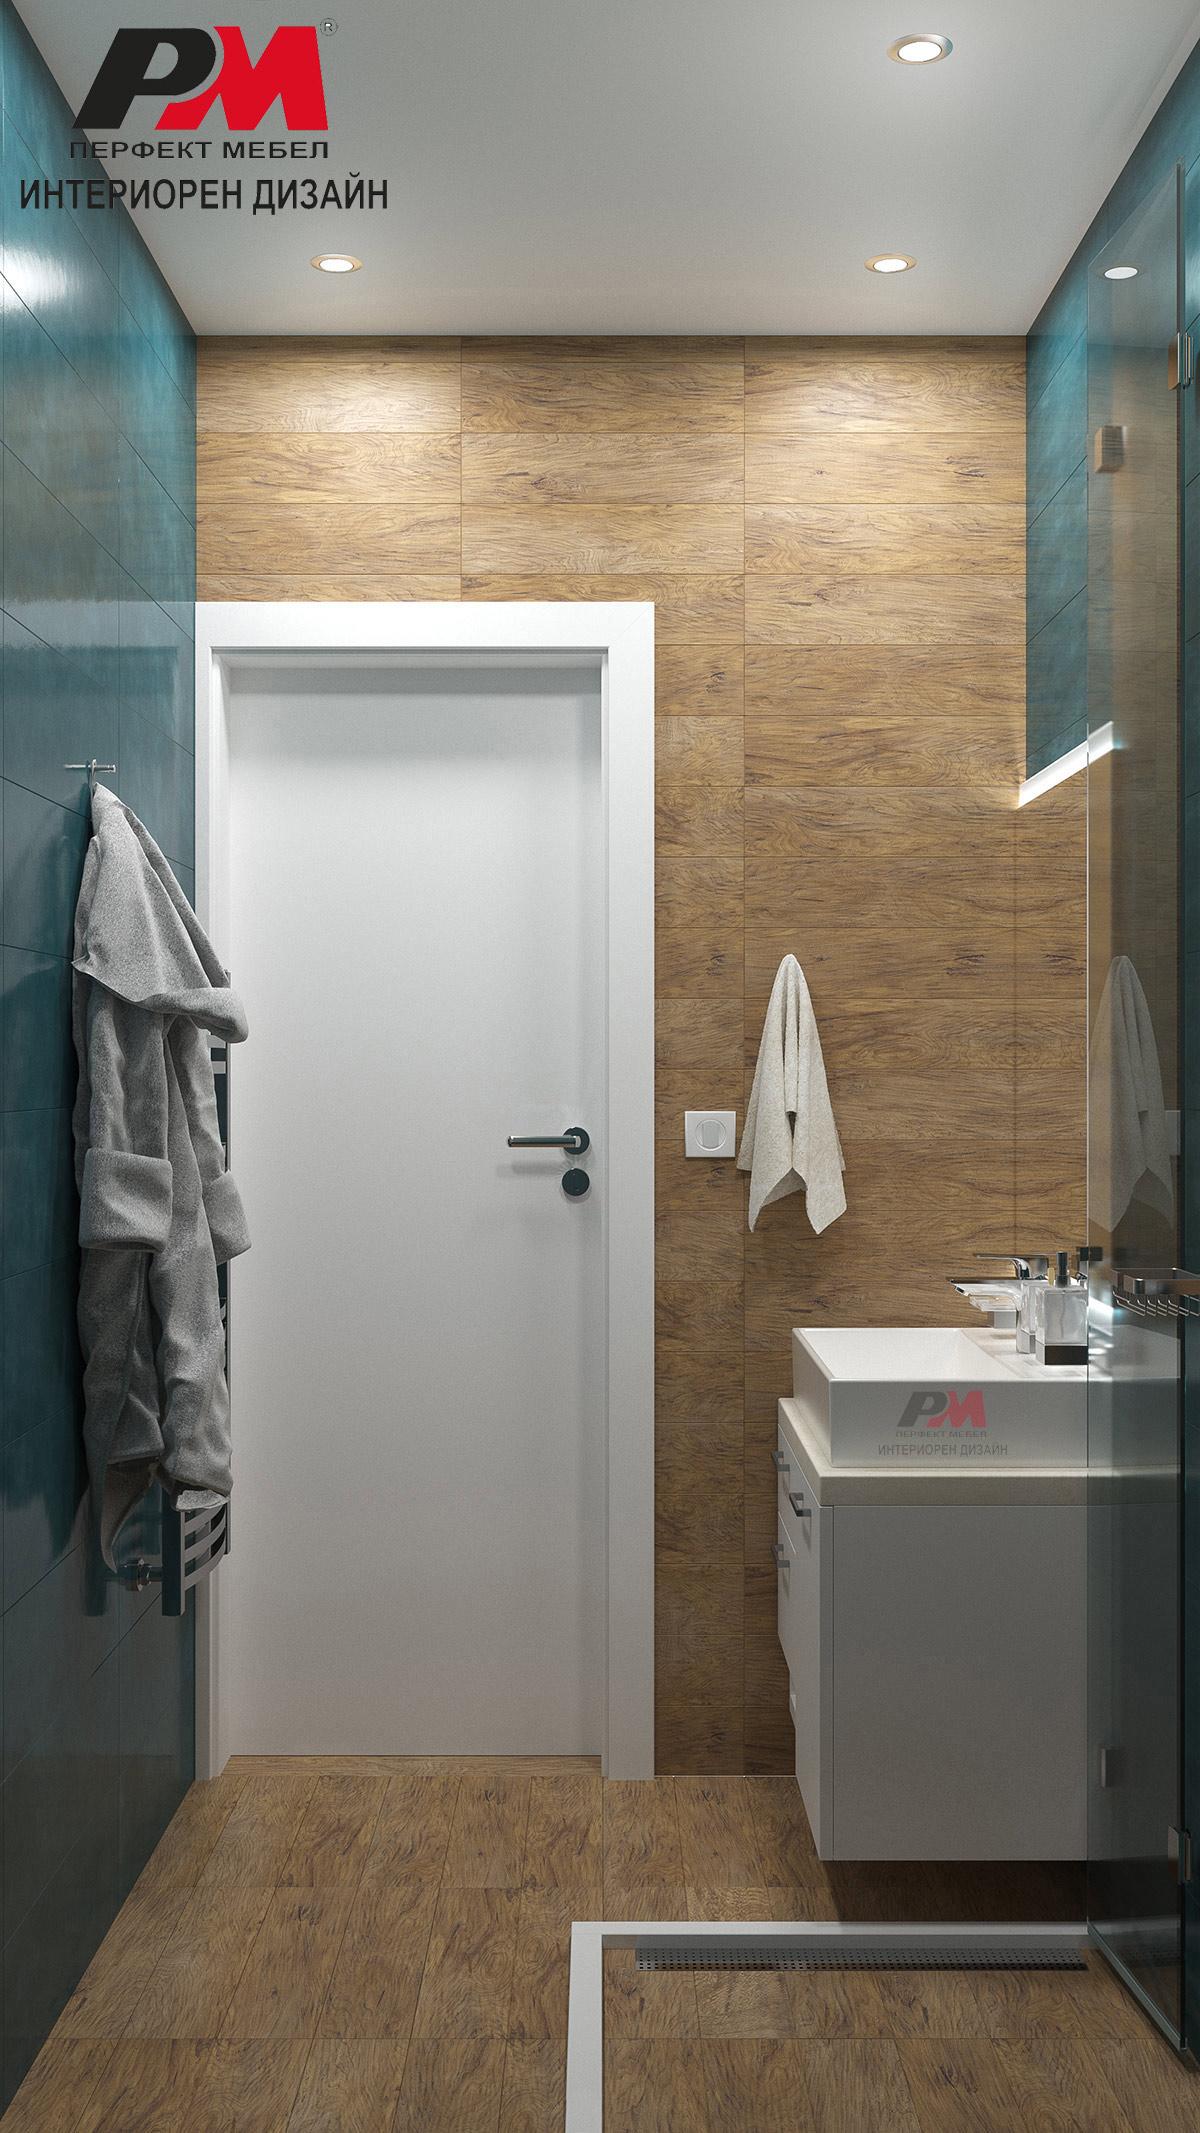 Уют и топло звучене в съвременен интериорен проект на баня